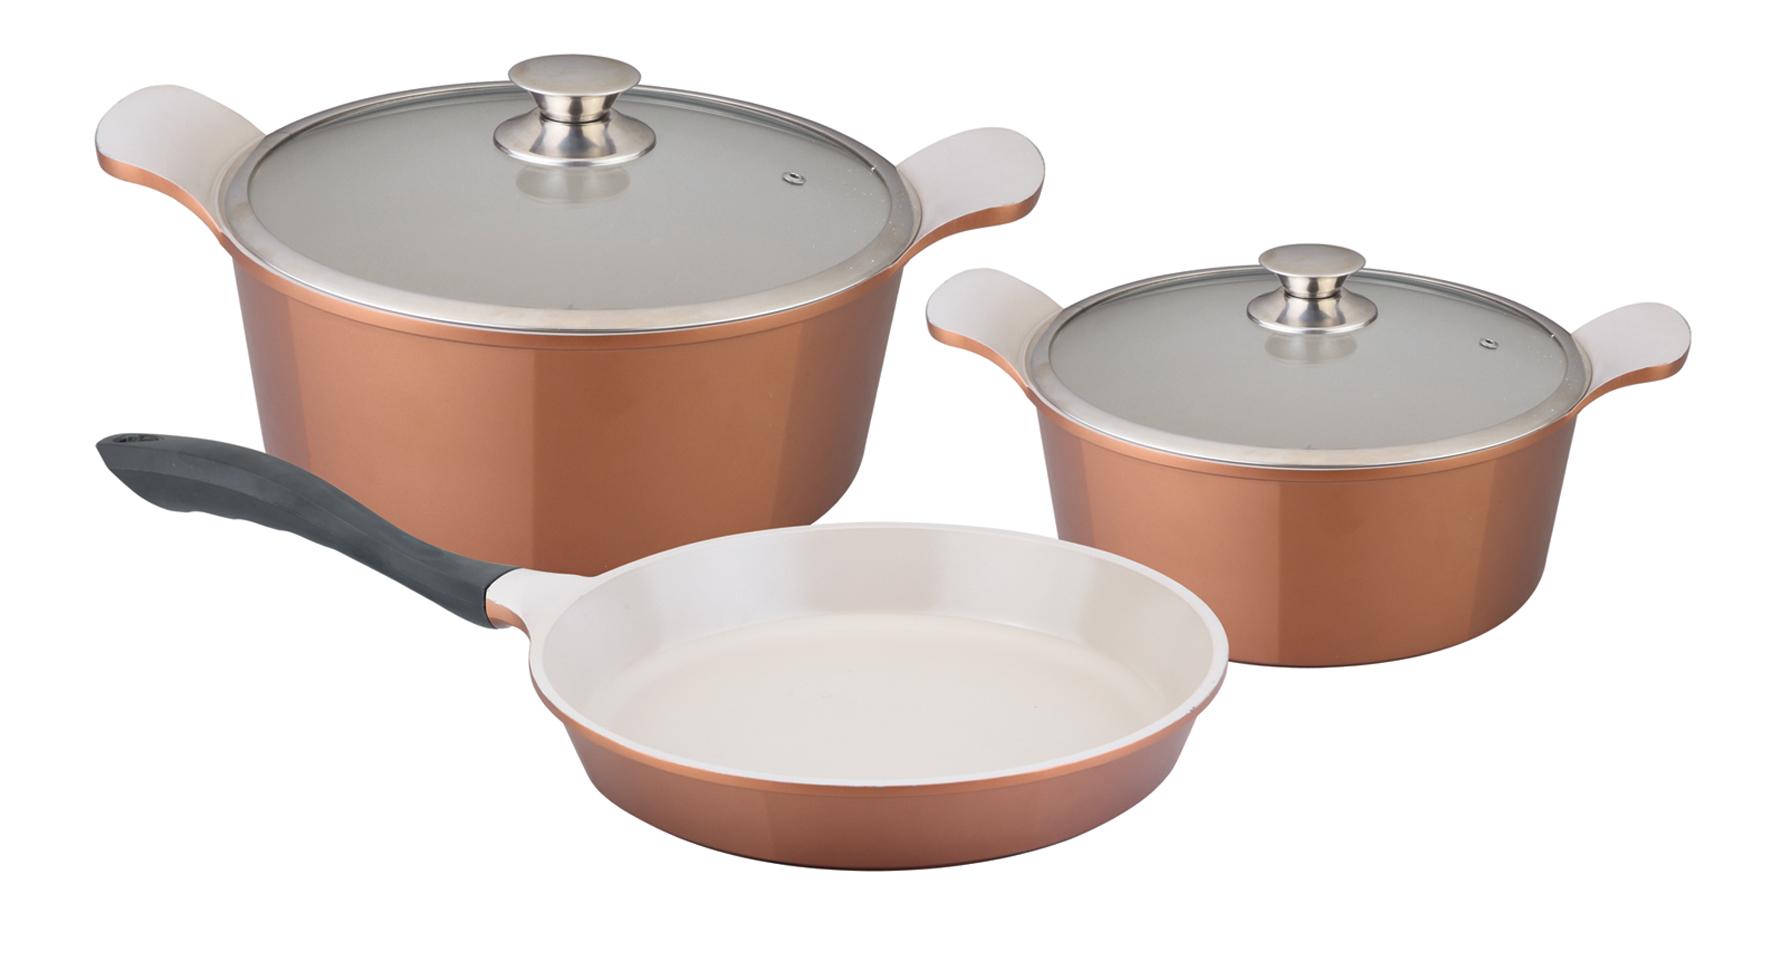 """В набор посуды """"Winner"""" входят: 2 кастрюли с крышками и сковорода. Предметы набора выполнены из высококачественного литого алюминия с антипригарным керамическим нанопокрытием """"Ceralon"""".  Посуда с нанопокрытием обладает высокой прочностью, жаро-, износо-, коррозийной стойкостью, химической инертностью. При нагревании до высоких температур не выделяет и не впитывает в себя вредных для человека химических соединений.  Нанопокрытие гарантирует быстрый и равномерный нагрев посуды и существенную экономию электроэнергии. Данная технология позволяет исключить деформацию корпуса при частом и длительном использовании посуды.  Посуда имеет внешнее цветное жаропрочное силиконовое покрытие. Крышки, выполненные из термостойкого стекла, позволят вам следить за процессом приготовления пищи. Крышки плотно прилегают к краям посуды, предотвращая проливание жидкости и сохраняя аромат блюд. Изделия подходят для использования на всех типах плит, включая индукционные. Можно мыть в посудомоечной машине.    Это идеальный подарок для современных хозяек, которые следят за своим здоровьем и здоровьем своей семьи. Эргономичный дизайн и функциональность набора позволят вам наслаждаться процессом приготовления любимых, полезных для здоровья блюд. Характеристики:   Материал: литой алюминий, стекло. Объем кастрюль: 2,4 л, 6,3 л. Внутренний диаметр кастрюль: 20 см, 28 см. Высота стенок кастрюль: 8,7 см, 11,5 см. Диаметр индукционного дна кастрюль: 15,5 см, 21 см. Внутренний диаметр сковороды: 28 см. Объем сковороды: 2,5 л. Высота стенки сковороды: 4 см. Длина ручки сковороды: 23 см. Диаметр индукционного дна сковороды: 21,5 см. Толщина стенок посуды: 2 мм. Толщина дна посуды: 0,5 см. Производитель: Германия. Изготовитель: Китай.   УВАЖАЕМЫЕ КЛИЕНТЫ!  Обращаем ваше внимание на тот факт, что объем кастрюли указан максимальный, с учетом  полного наполнения до кромки. """"Рабочий"""" объем кастрюли имеет меньший литраж."""